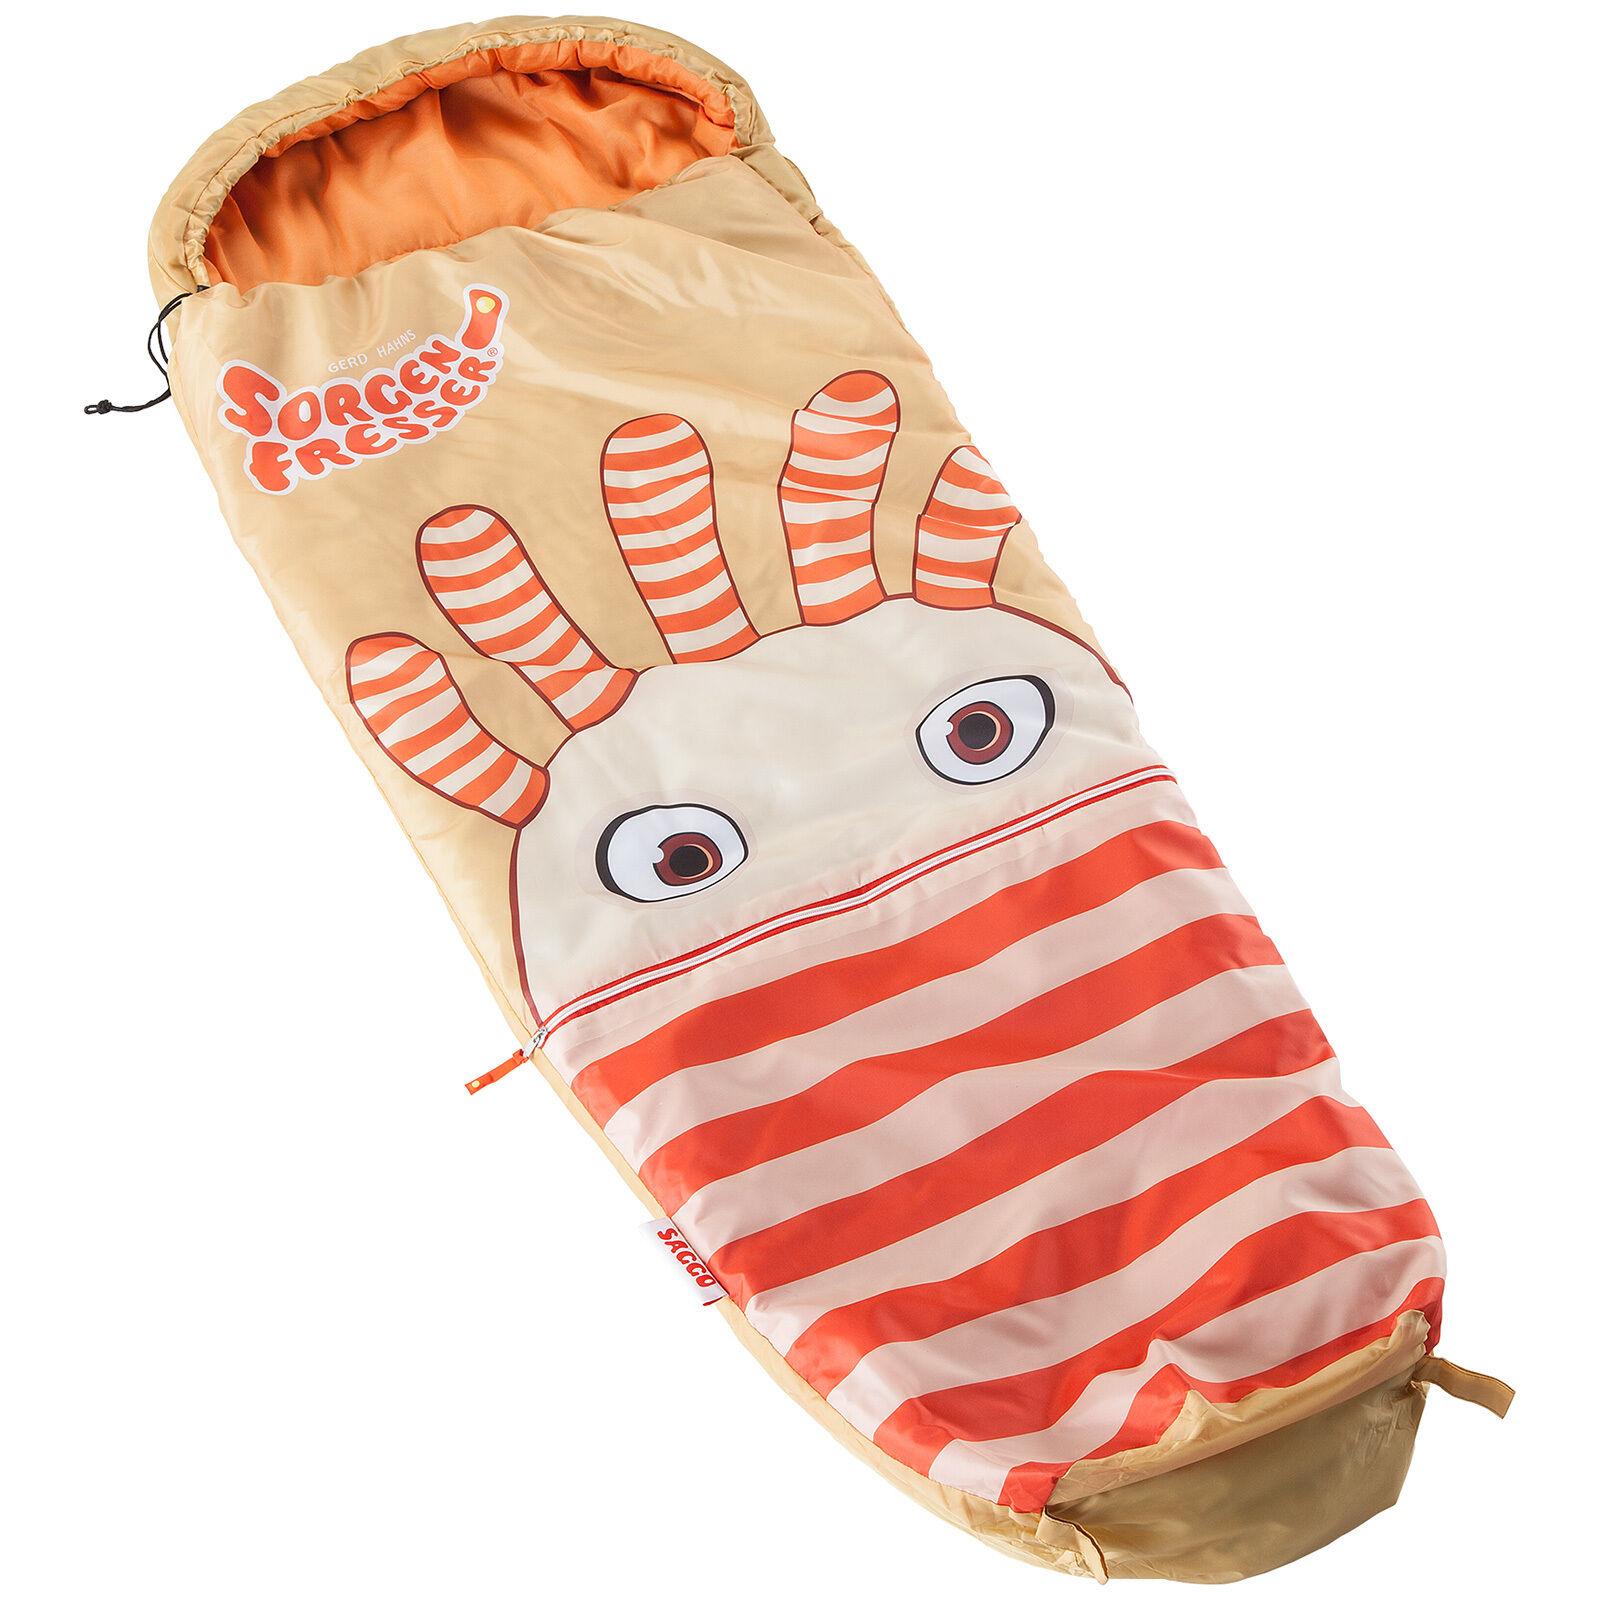 Skeika Sorgenfresser Saggo saco dormir niños 170 cm aranciabeig 12°C nuevo